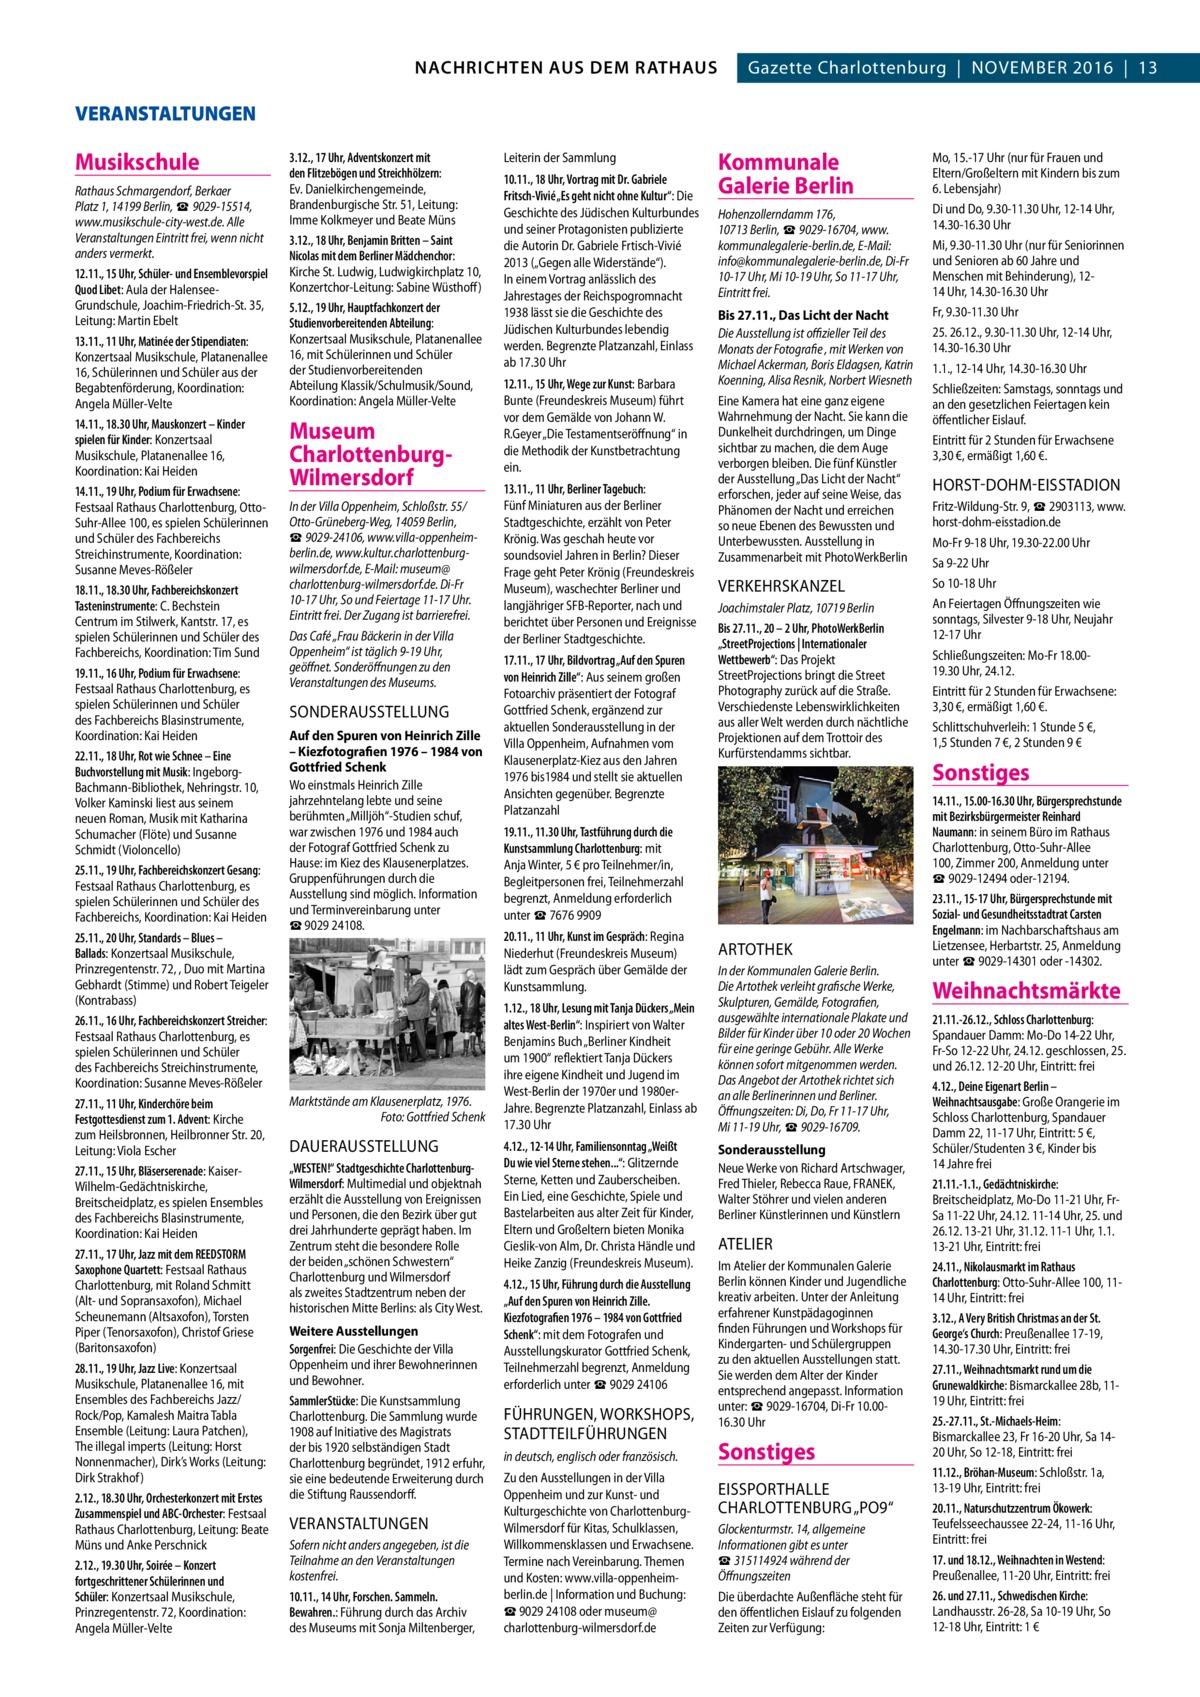 2  GAZETTE Wilmersdorf 11/16 NACHRICHTEN AUS DEM RATHAUS NACHRICHTEN AUS DEM RATHAUS Gazette Charlottenburg|November 2016|13  VERANSTALTUNGEN  Musikschule Rathaus Schmargendorf, Berkaer Platz 1, 14199Berlin, ☎9029-15514, www.musikschule-city-west.de. Alle Veranstaltungen Eintritt frei, wenn nicht anders vermerkt. 12.11., 15Uhr, Schüler- und Ensemblevorspiel Quod Libet: Aula der HalenseeGrundschule, Joachim-Friedrich-St. 35, Leitung: Martin Ebelt 13.11., 11Uhr, Matinée der Stipendiaten: Konzertsaal Musikschule, Platanenallee 16, Schülerinnen und Schüler aus der Begabtenförderung, Koordination: Angela Müller-Velte 14.11., 18.30Uhr, Mauskonzert – Kinder spielen für Kinder: Konzertsaal Musikschule, Platanenallee 16, Koordination: Kai Heiden 14.11., 19Uhr, Podium für Erwachsene: Festsaal Rathaus Charlottenburg, OttoSuhr-Allee 100, es spielen Schülerinnen und Schüler des Fachbereichs Streichinstrumente, Koordination: Susanne Meves-Rößeler 18.11., 18.30Uhr, Fachbereichskonzert Tasteninstrumente: C. Bechstein Centrum im Stilwerk, Kantstr.17, es spielen Schülerinnen und Schüler des Fachbereichs, Koordination: Tim Sund 19.11., 16Uhr, Podium für Erwachsene: Festsaal Rathaus Charlottenburg, es spielen Schülerinnen und Schüler des Fachbereichs Blasinstrumente, Koordination: Kai Heiden 22.11., 18Uhr, Rot wie Schnee – Eine Buchvorstellung mit Musik: IngeborgBachmann-Bibliothek, Nehringstr.10, Volker Kaminski liest aus seinem neuen Roman, Musik mit Katharina Schumacher (Flöte) und Susanne Schmidt (Violoncello) 25.11., 19Uhr, Fachbereichskonzert Gesang: Festsaal Rathaus Charlottenburg, es spielen Schülerinnen und Schüler des Fachbereichs, Koordination: Kai Heiden 25.11., 20Uhr, Standards – Blues – Ballads: Konzertsaal Musikschule, Prinzregentenstr.72, , Duo mit Martina Gebhardt (Stimme) und Robert Teigeler (Kontrabass) 26.11., 16Uhr, Fachbereichskonzert Streicher: Festsaal Rathaus Charlottenburg, es spielen Schülerinnen und Schüler des Fachbereichs Streichinstrumente, Koordination: 